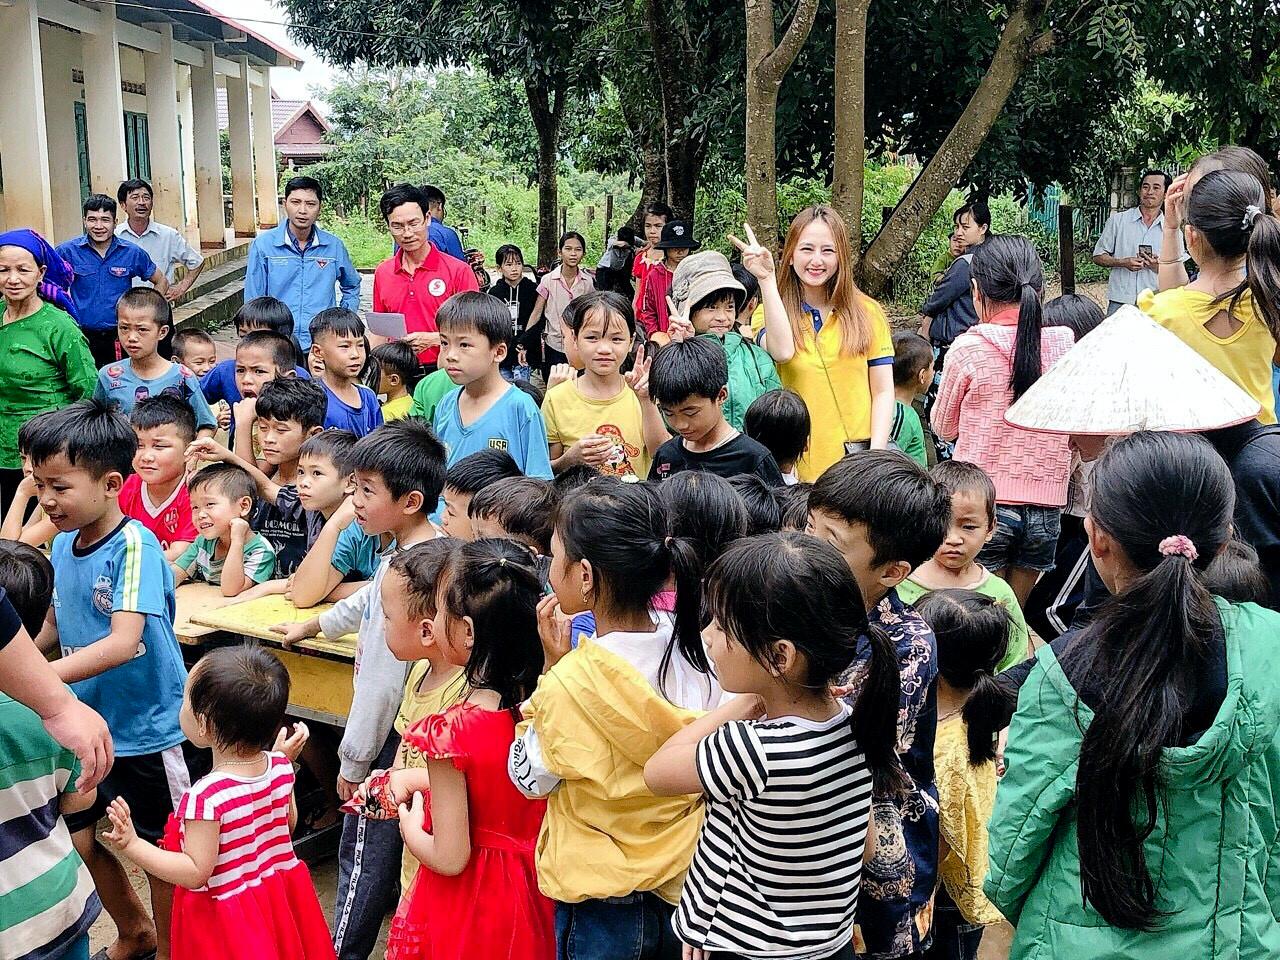 Thí sinh mang SBD 026 Phạm Thị Hà Trang (áo vàng), FPT Shop số 69K Phan Bội Châu, Thống Nhất, Buôn Ma Thuột, tỉnh Đắk Lắk, trải nghiệm hoạt động thiện nguyện của đơn vị.